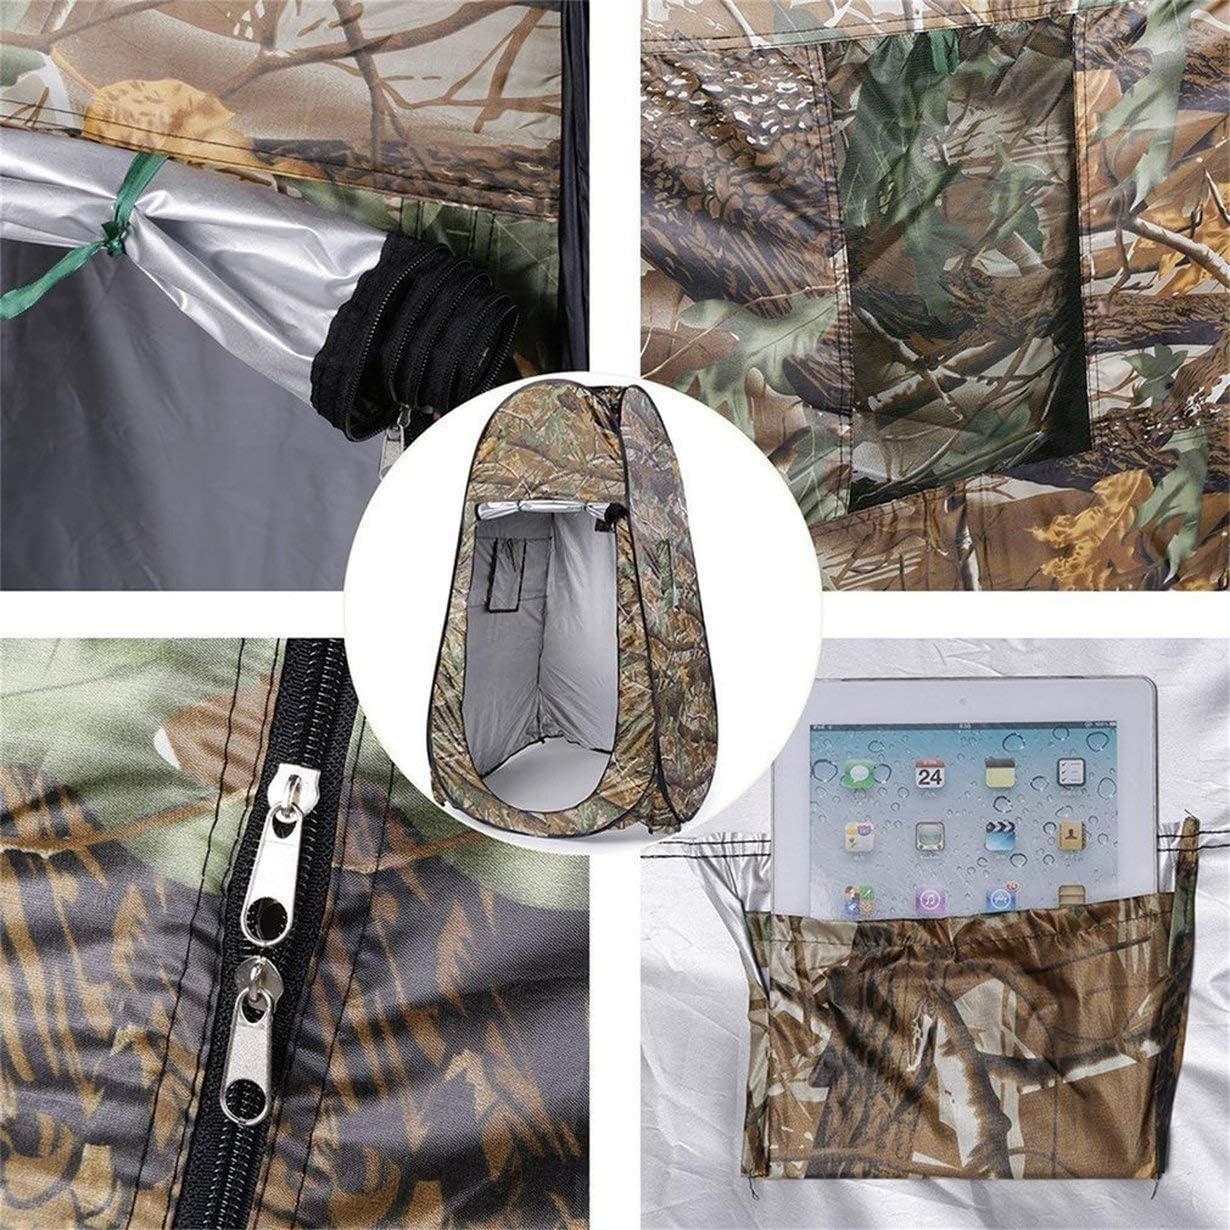 Au/ßen Umzug Dusche Toilette Tent Privatsph/äre /ändern Bad Shelter Anproberaum Wasserdicht Pop Up 180T-Zelt mit Tasche Camouflage Ahornbl/ätter Tarnung